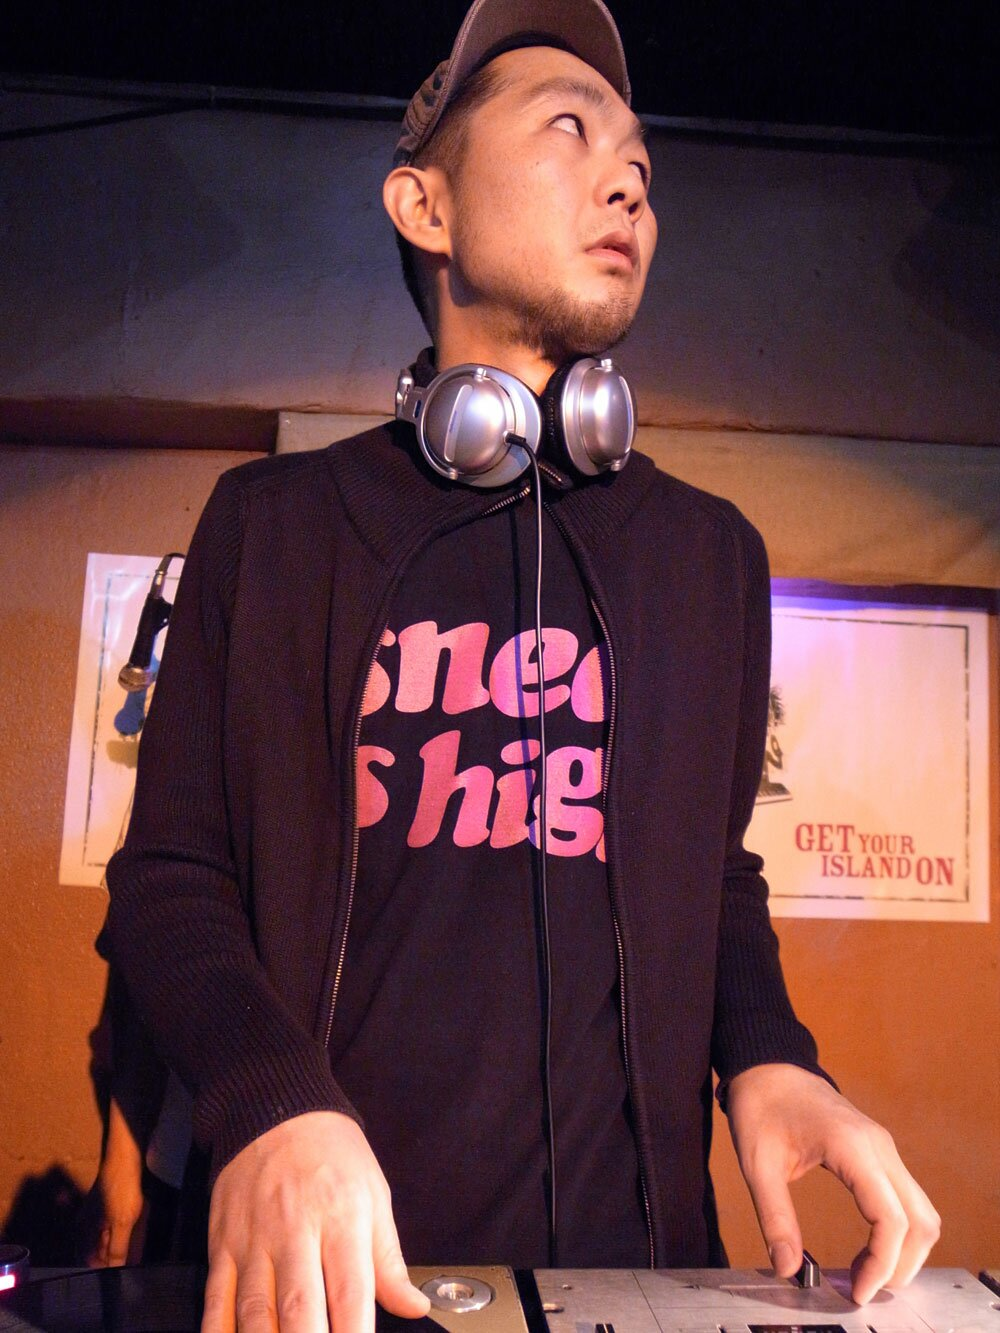 DJ Kou